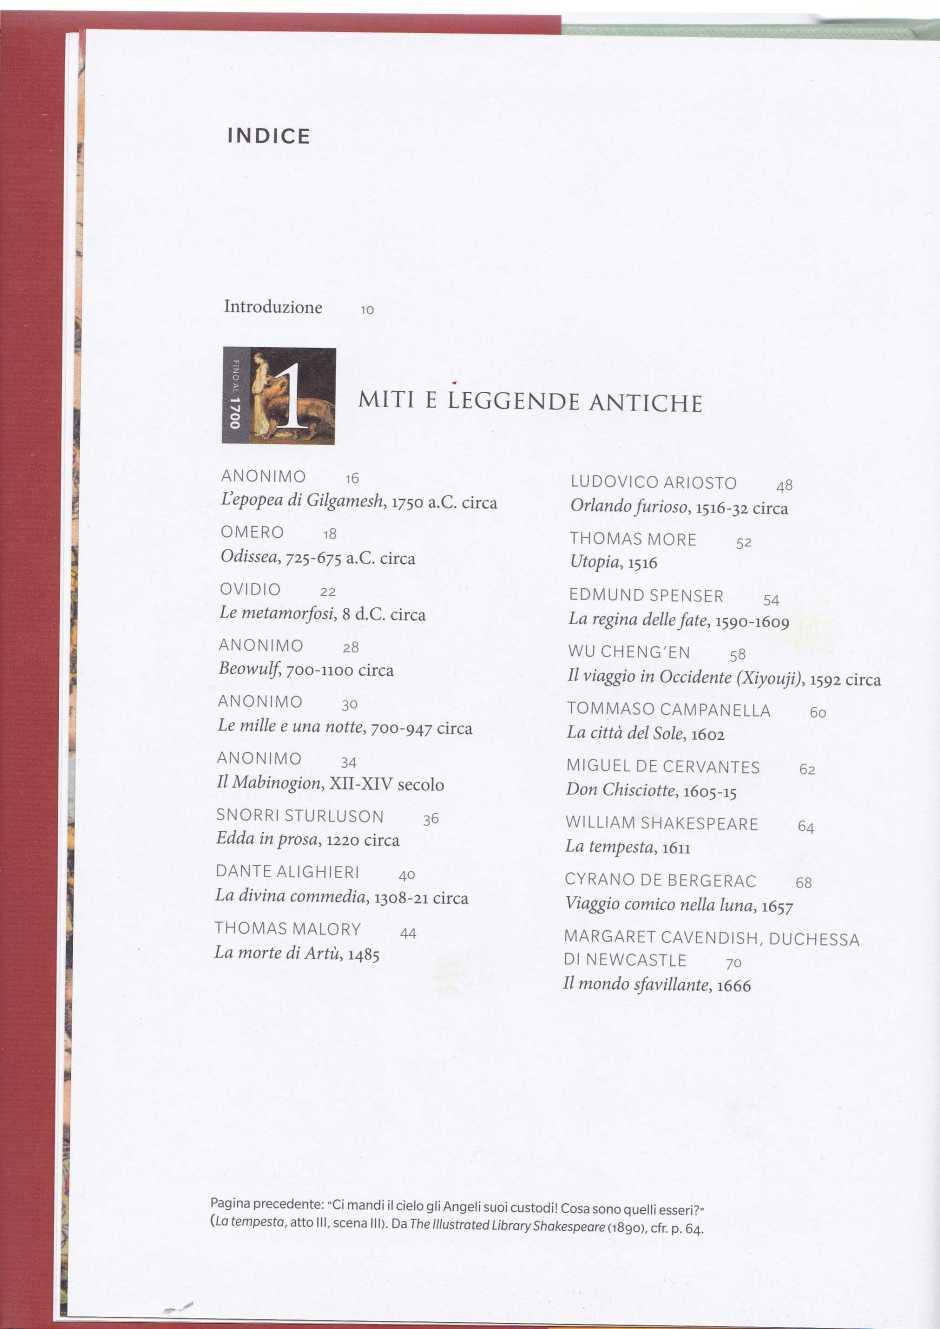 ATLANTE LUOGHI LETTERARI2746